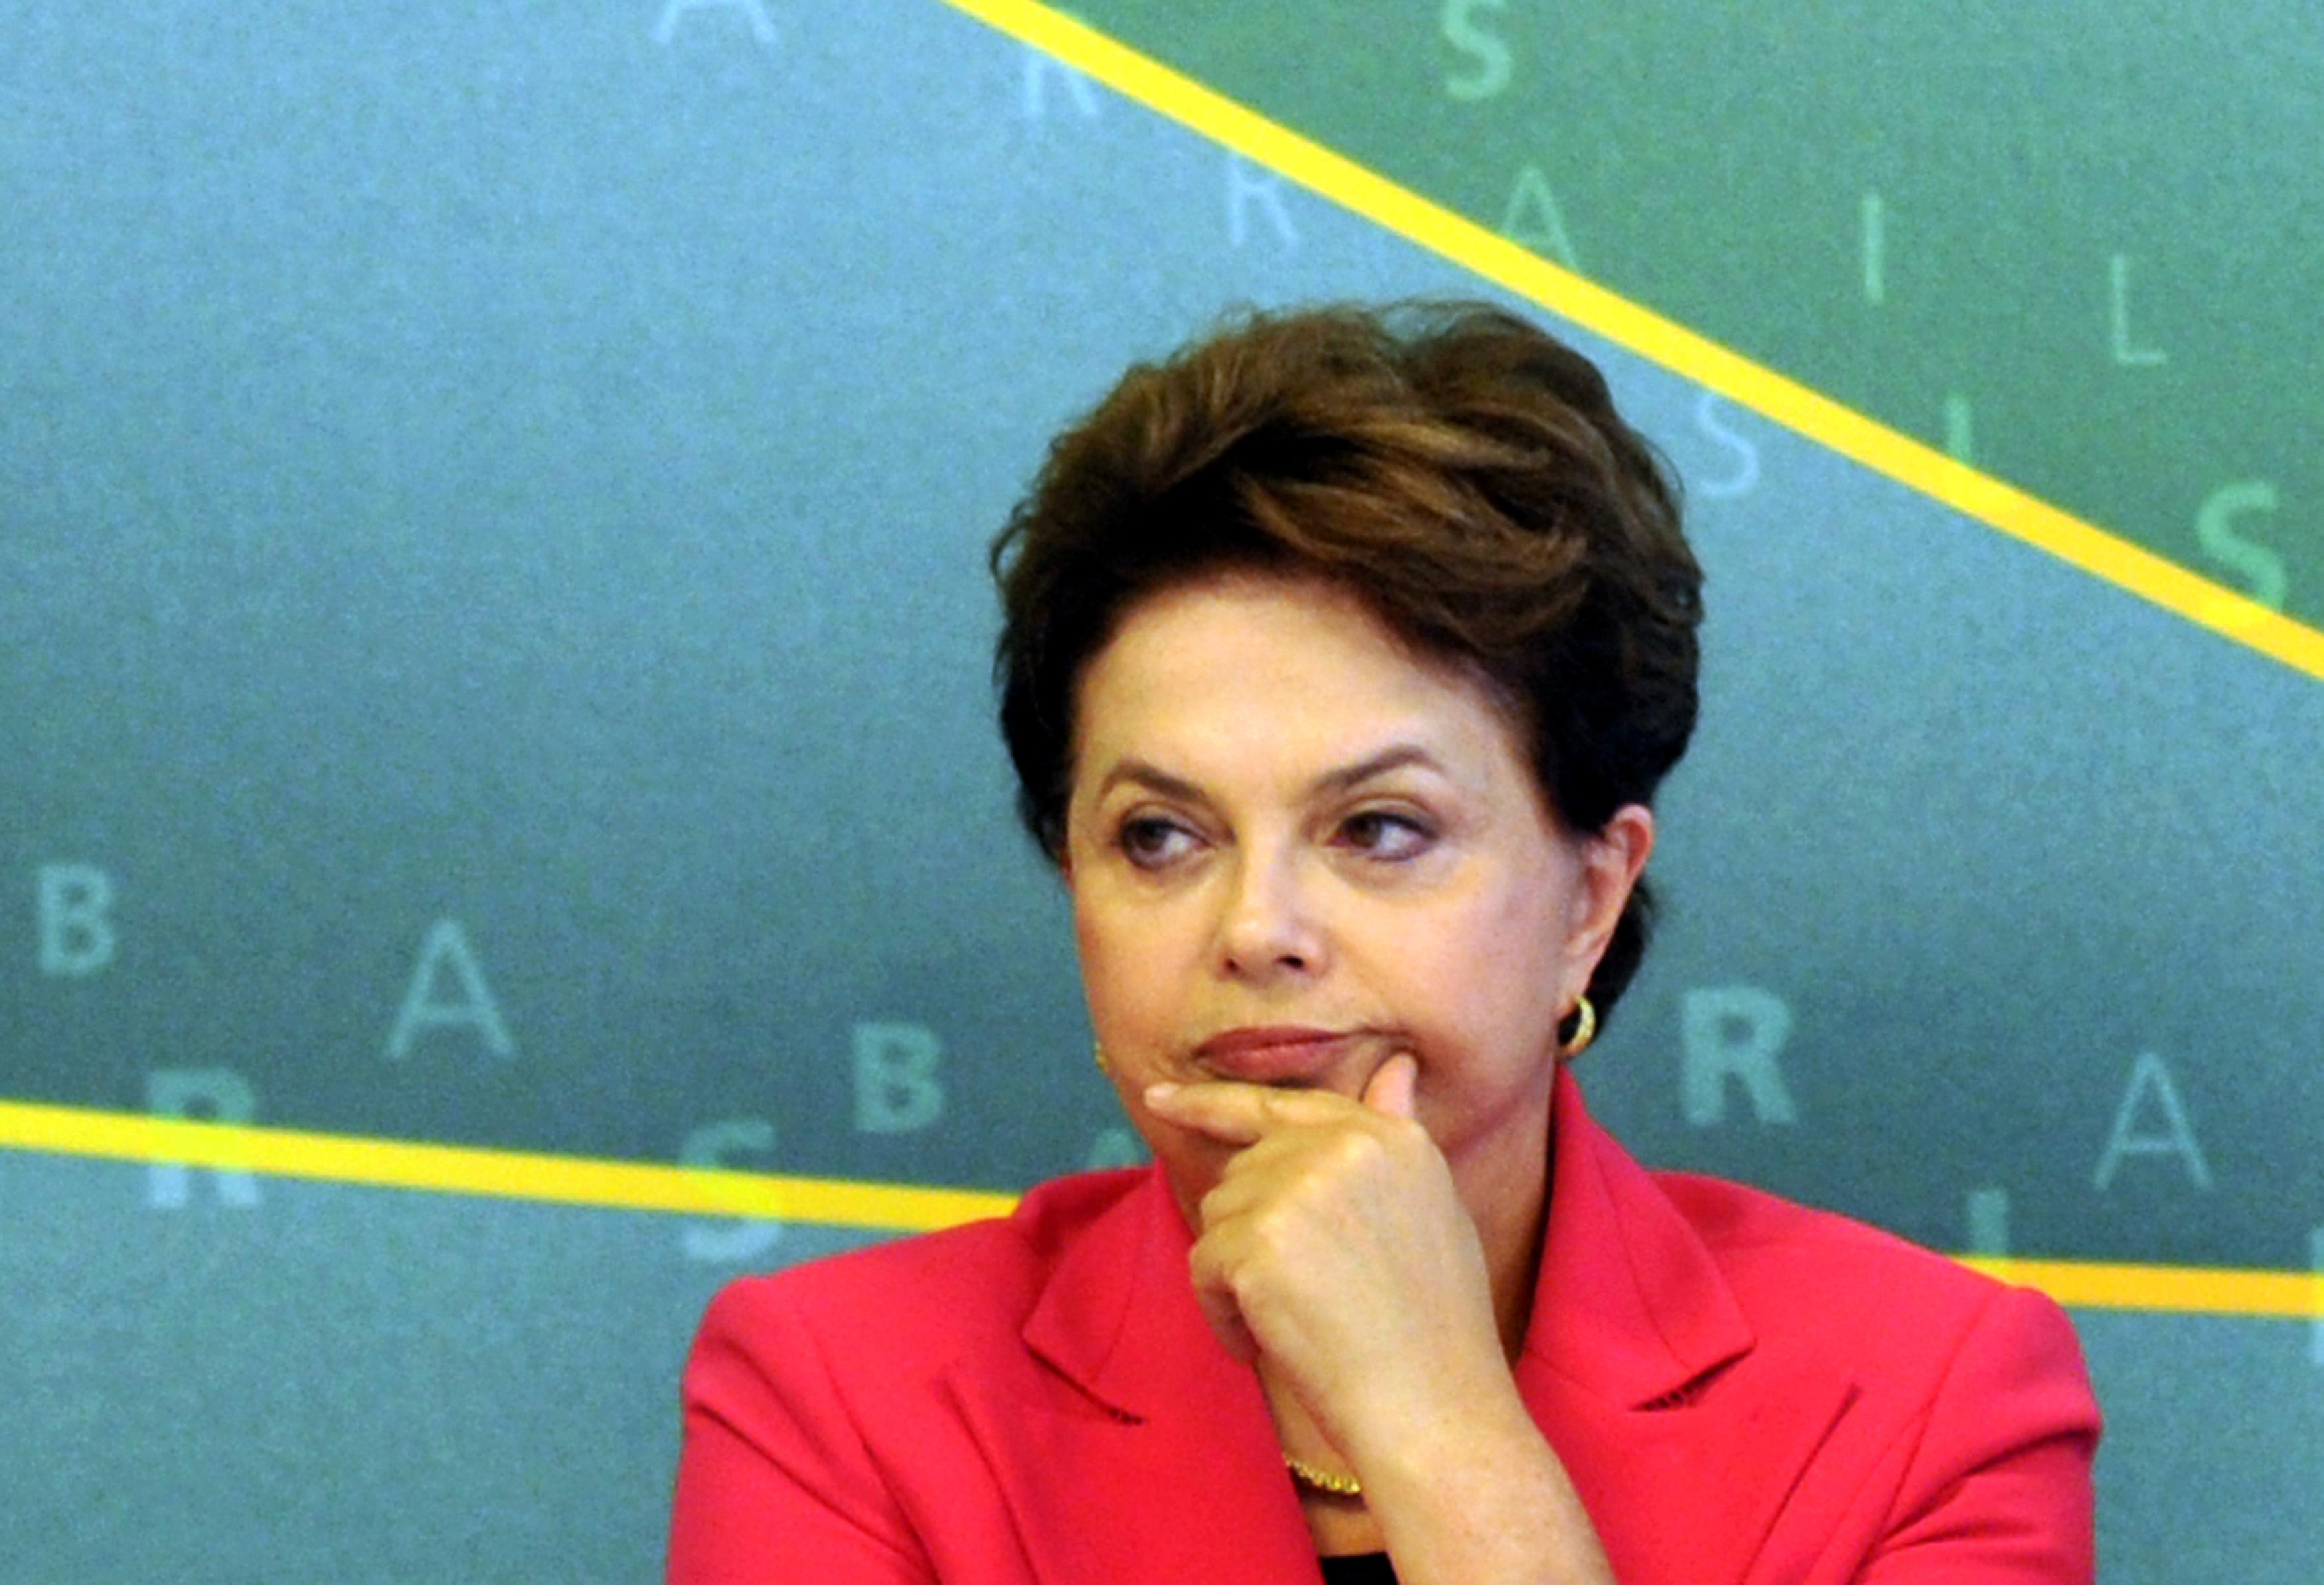 Devolução de MP amplia o racha entre Governo Dilma/PT e PMDB